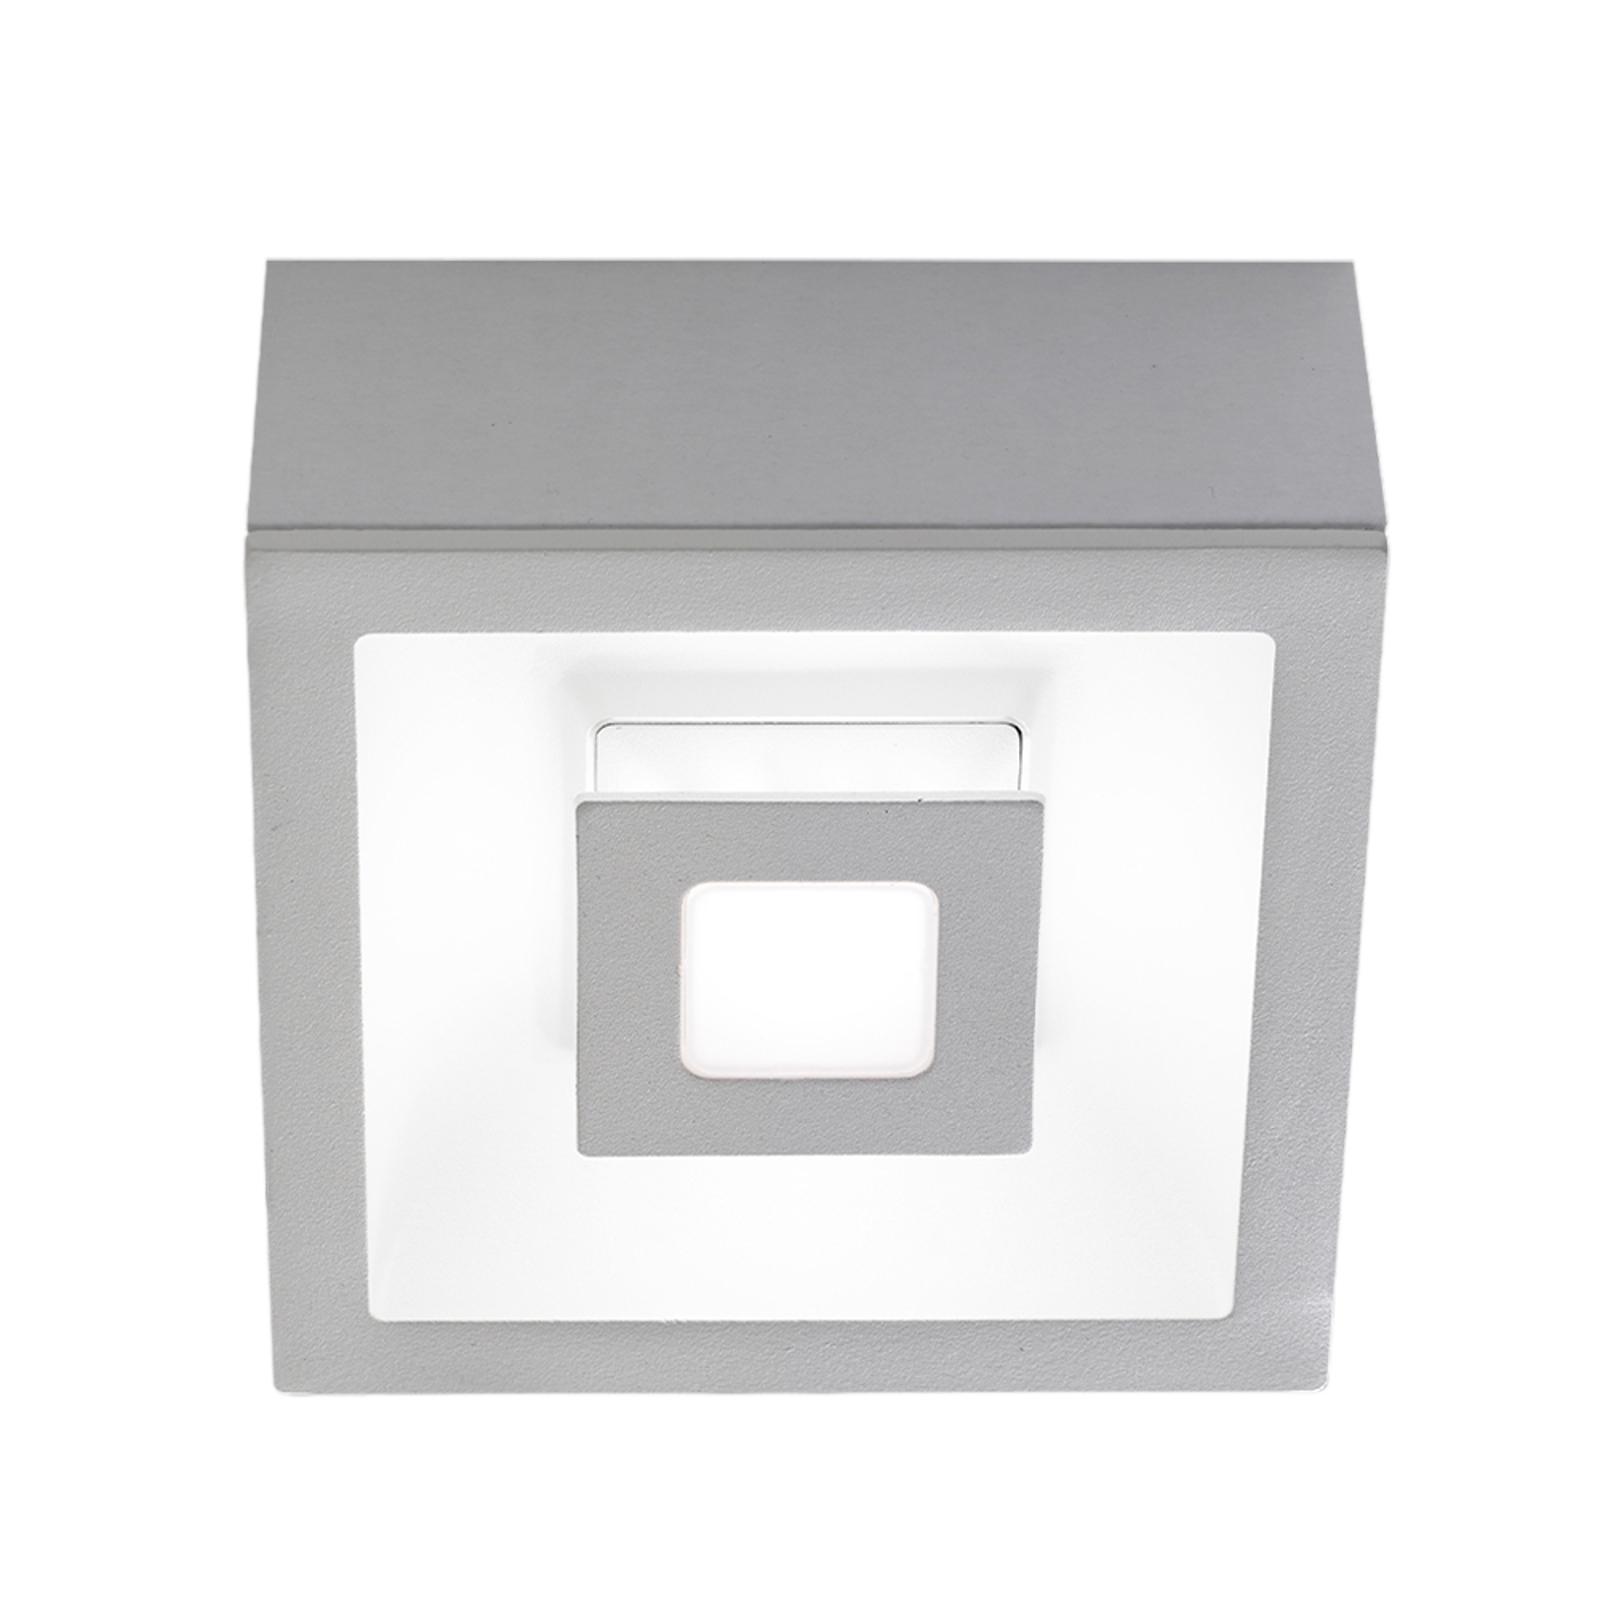 Lampa sufitowa LED Eclipse kątowa